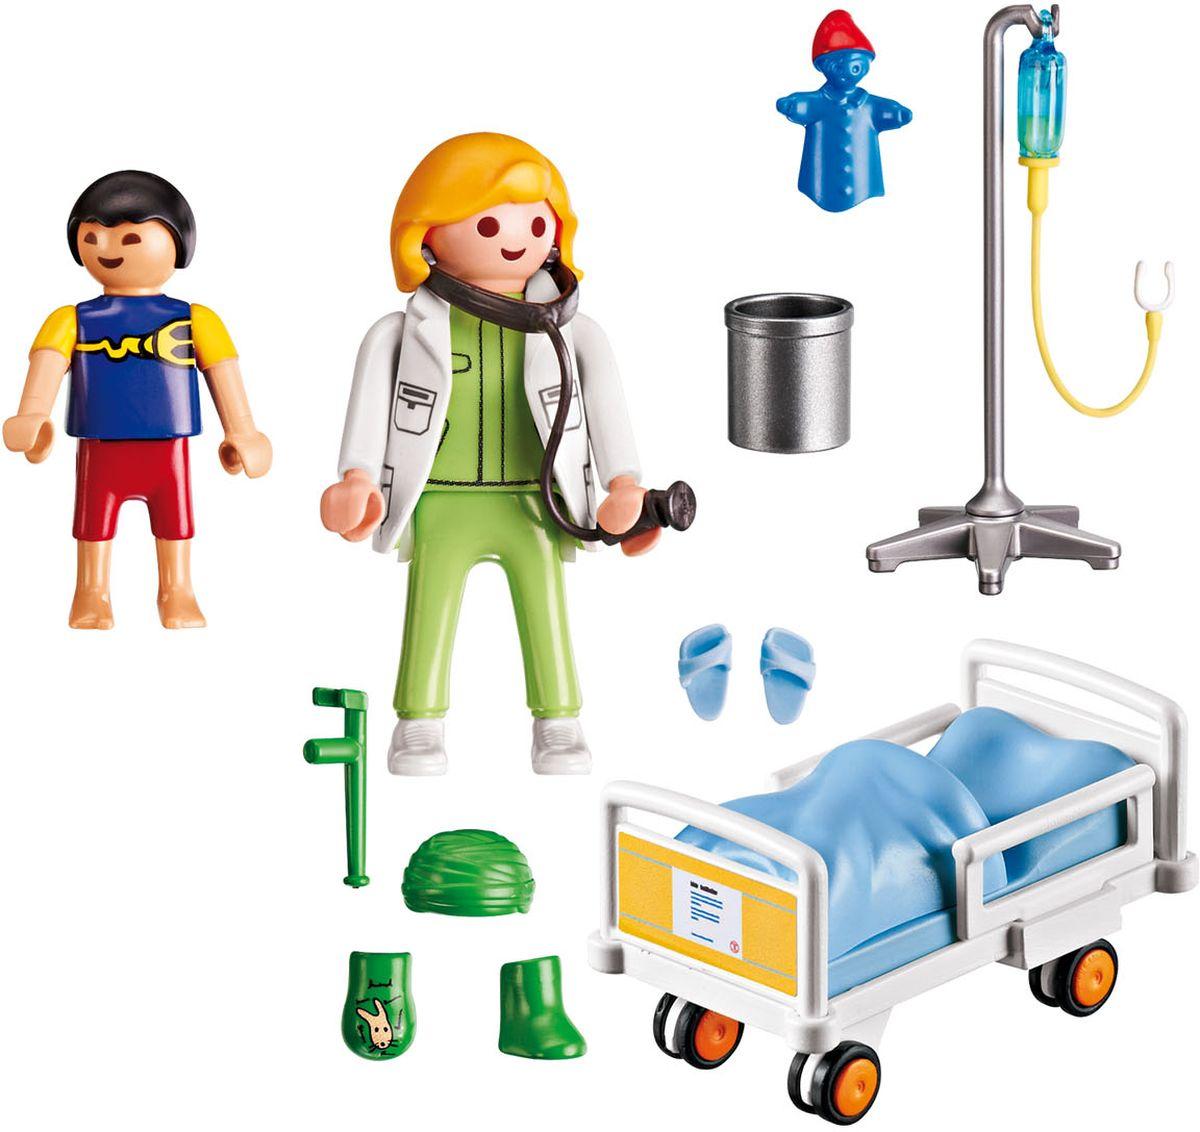 Playmobil Игровой набор Детская клиника Доктор с ребенком playmobil игровой набор детская клиника доктор с ребенком